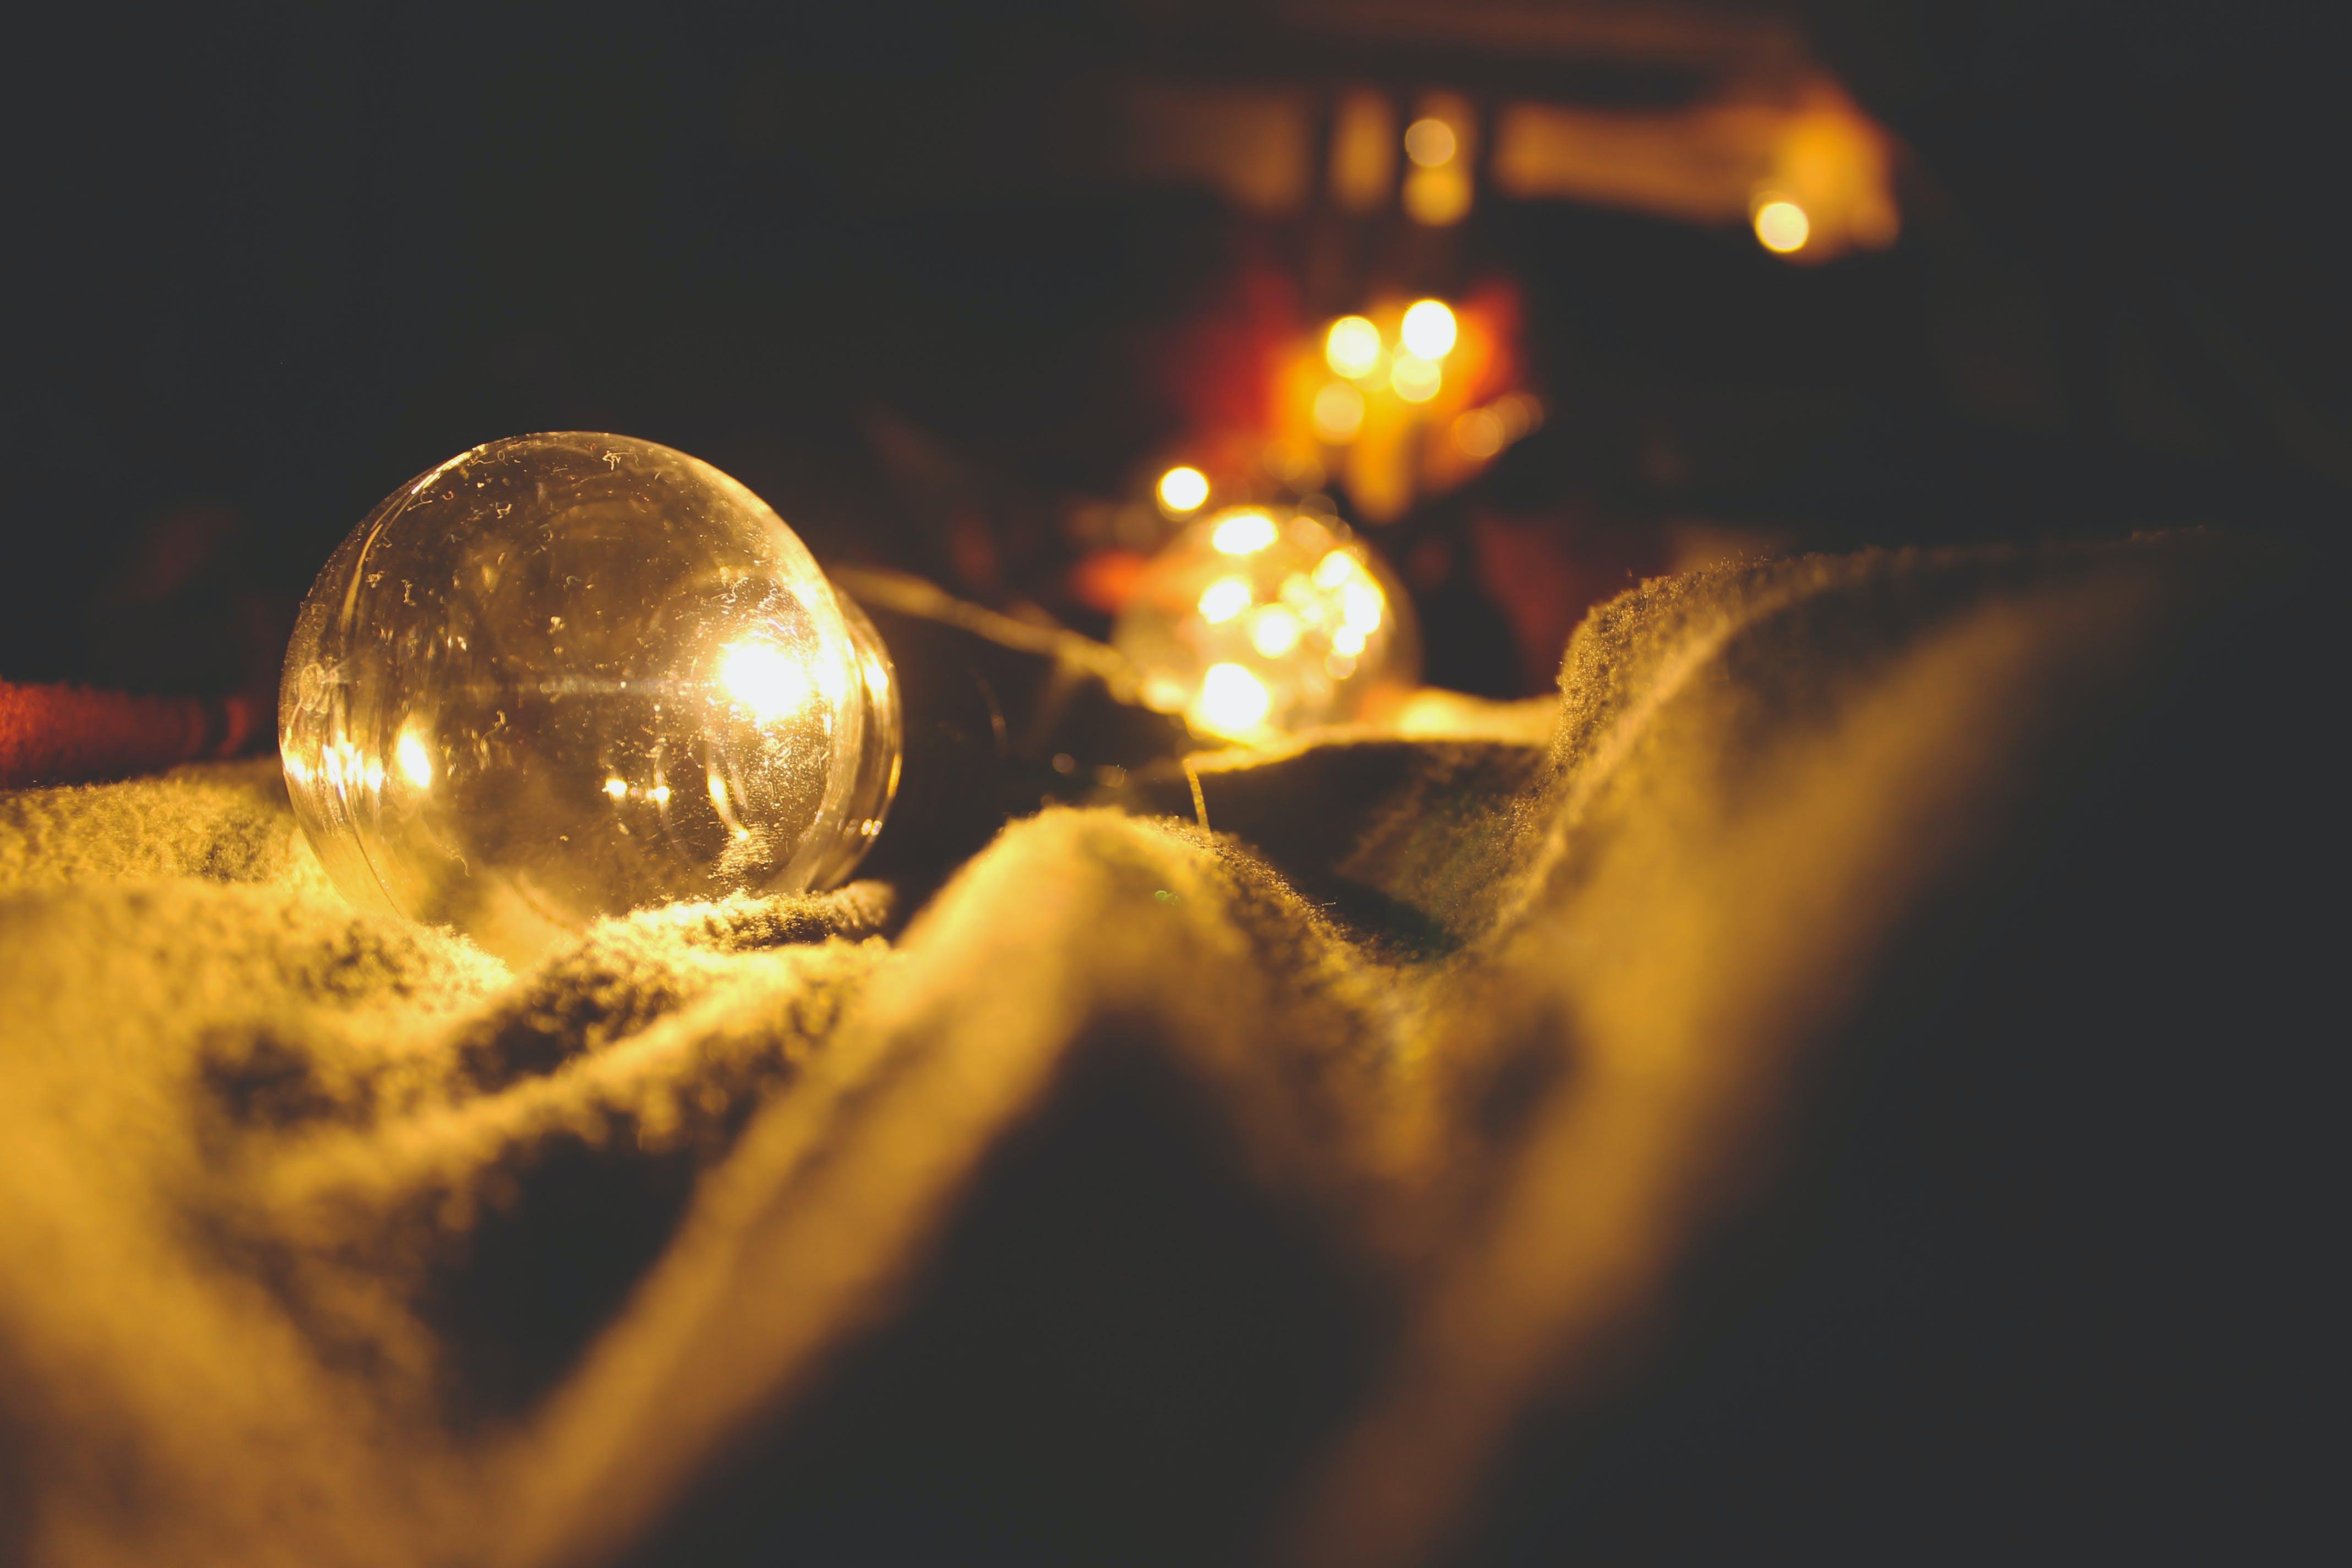 beleuchtet, beleuchtung, bokeh